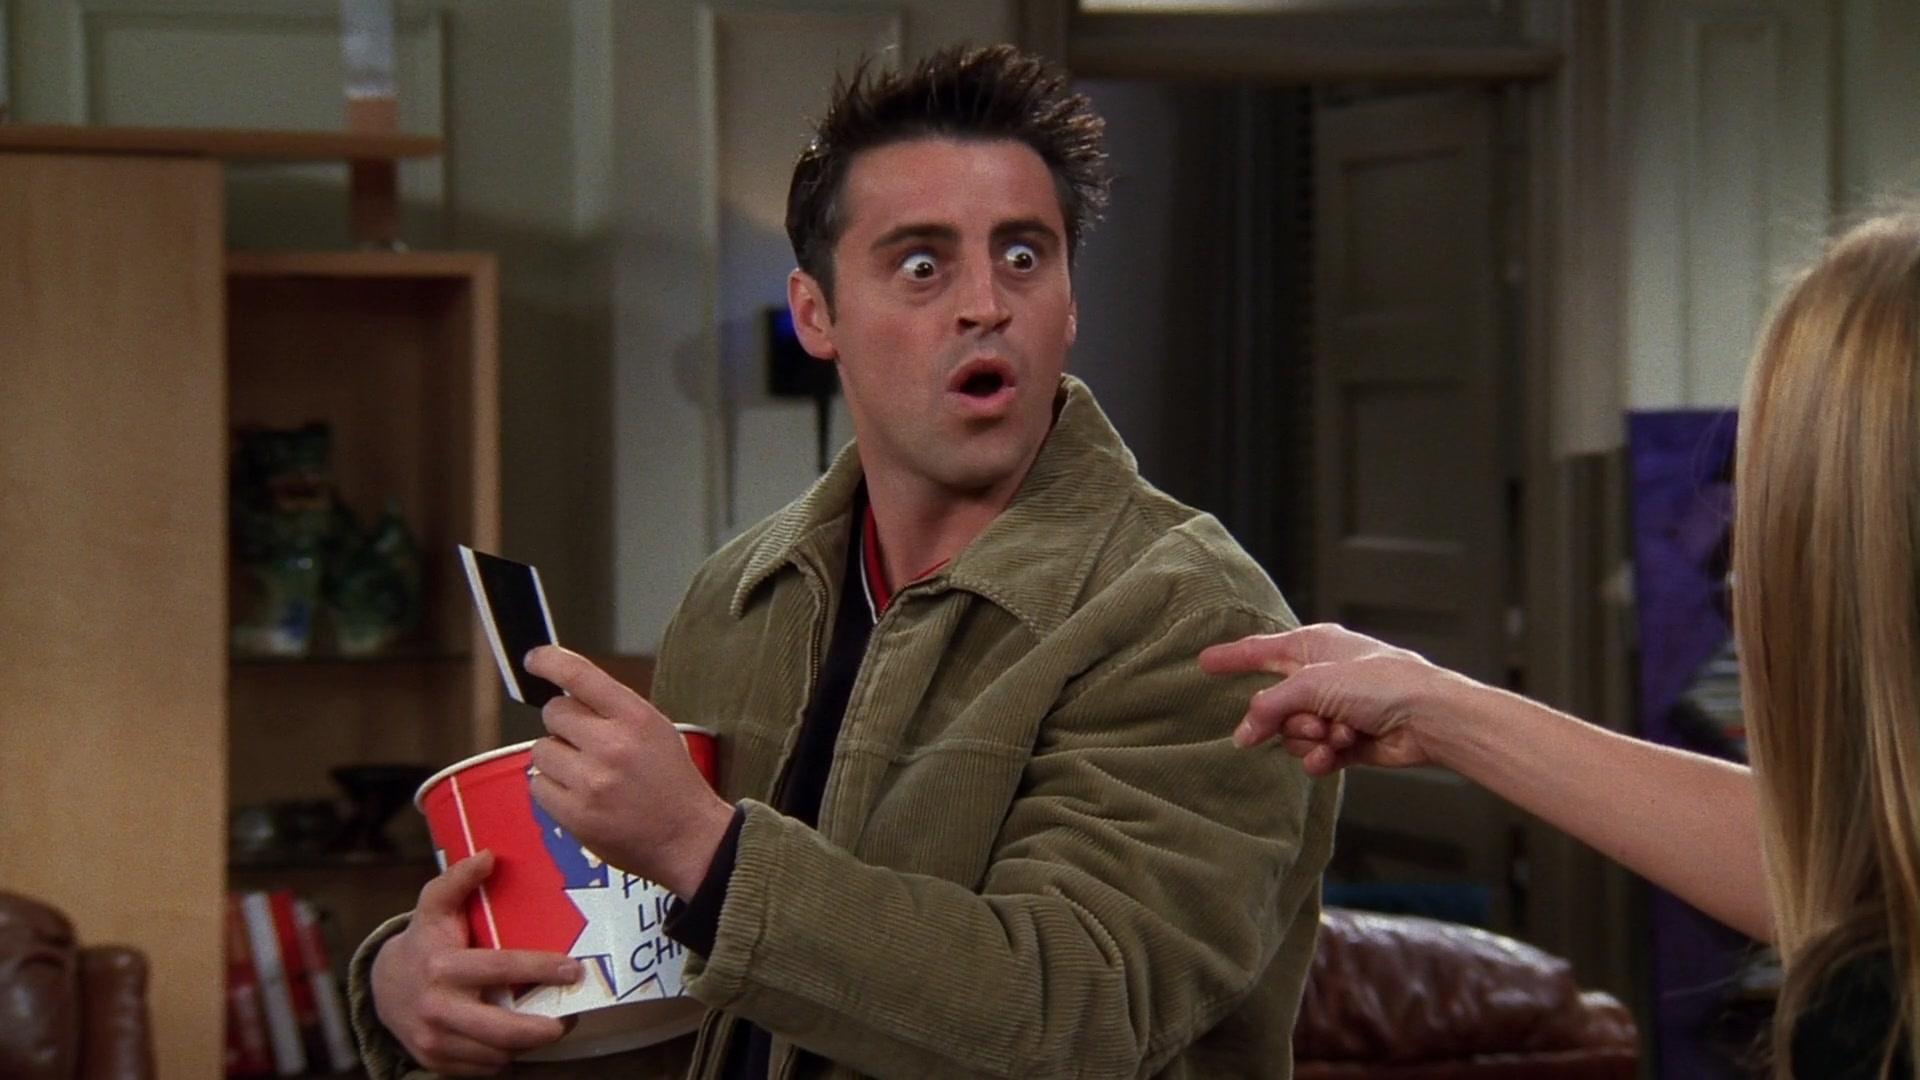 KFC Bucket Held by Matt LeBlanc (Joey Tribbiani) in Friends Season 5